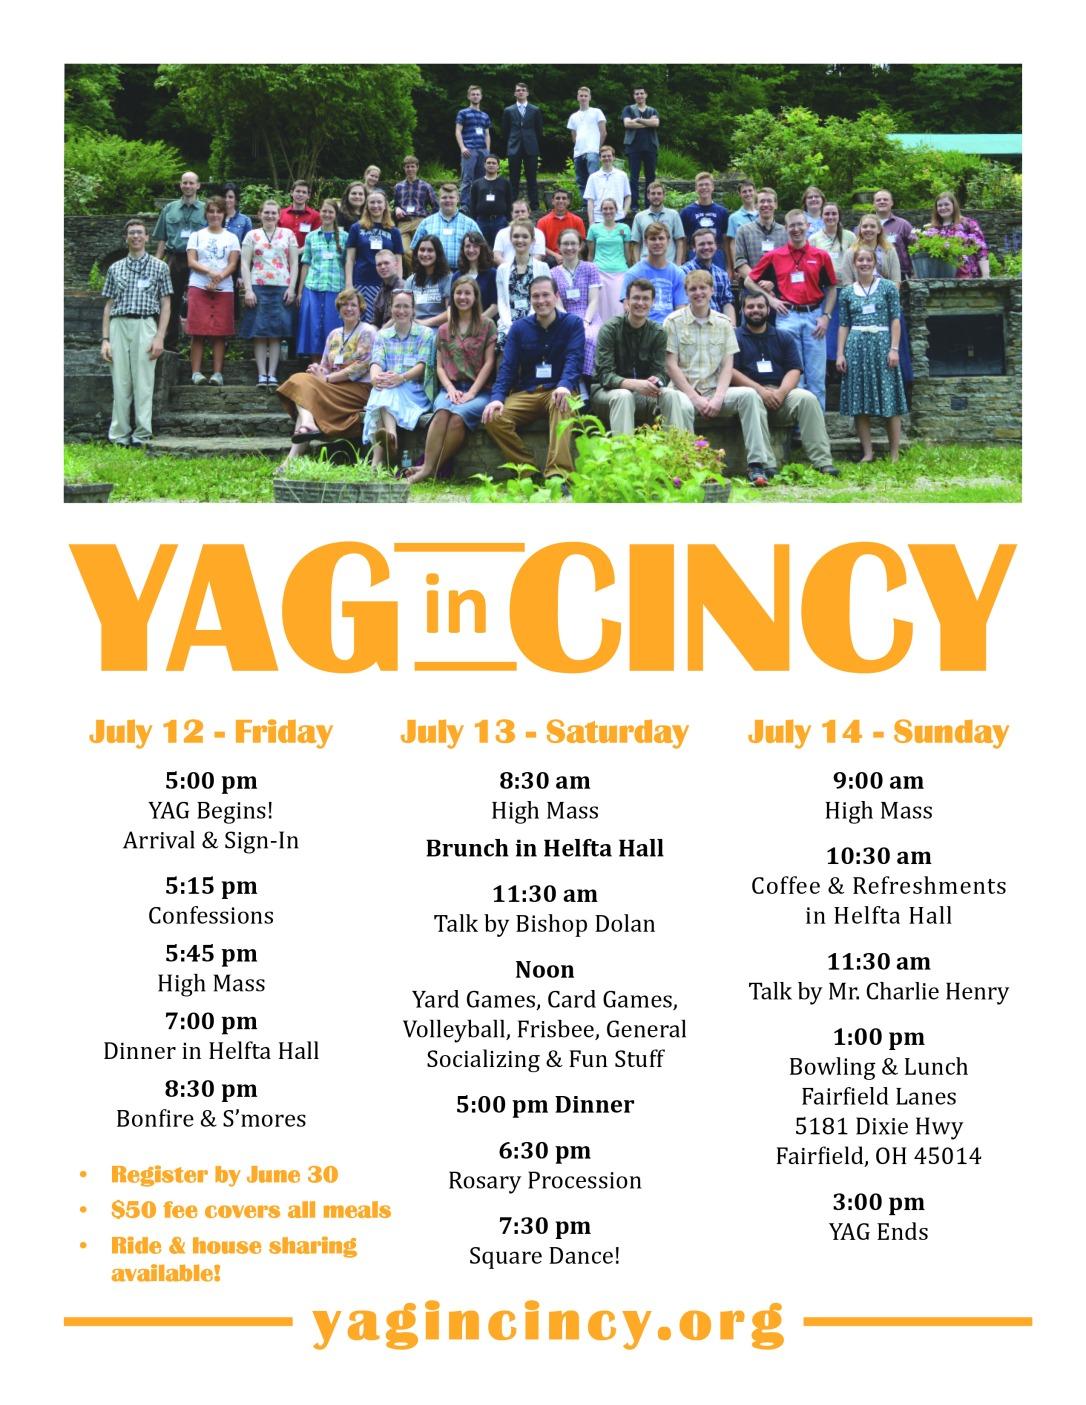 2019 YAG schedule 3